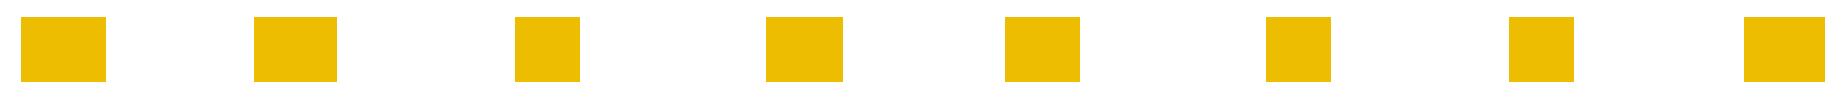 JoBaDog Icon_Pfotengrenze.png